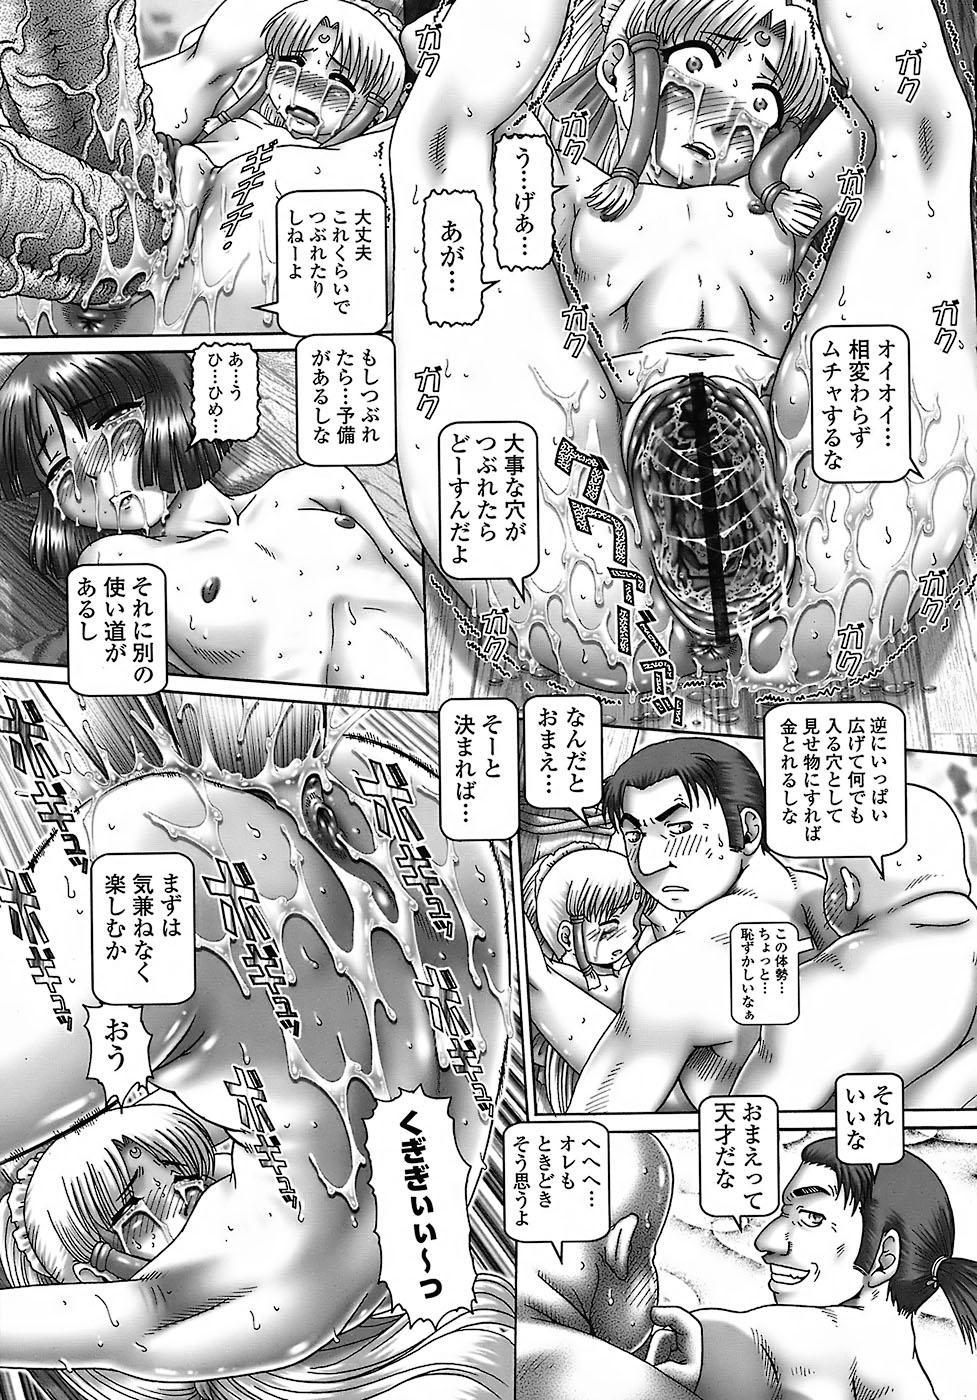 Tenshi no Shizuku 177